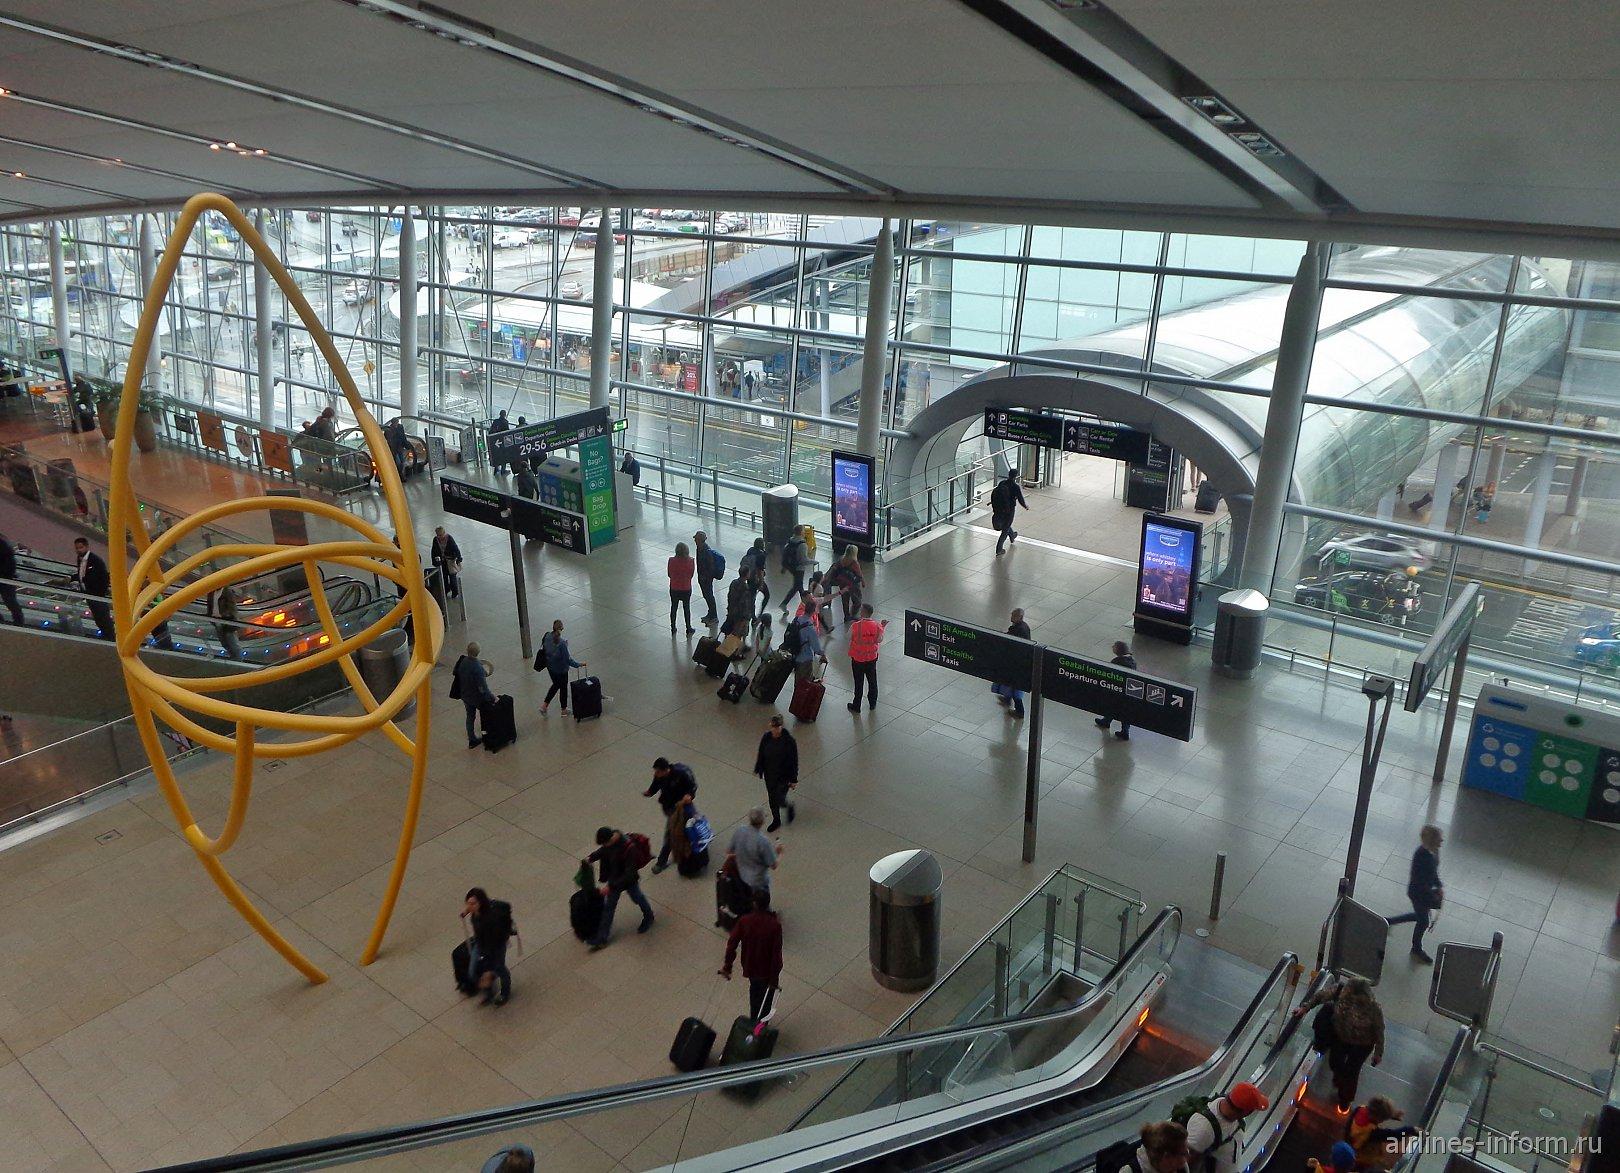 Вид с эскалатора на второй этаж терминала 2 аэропорта Дублин